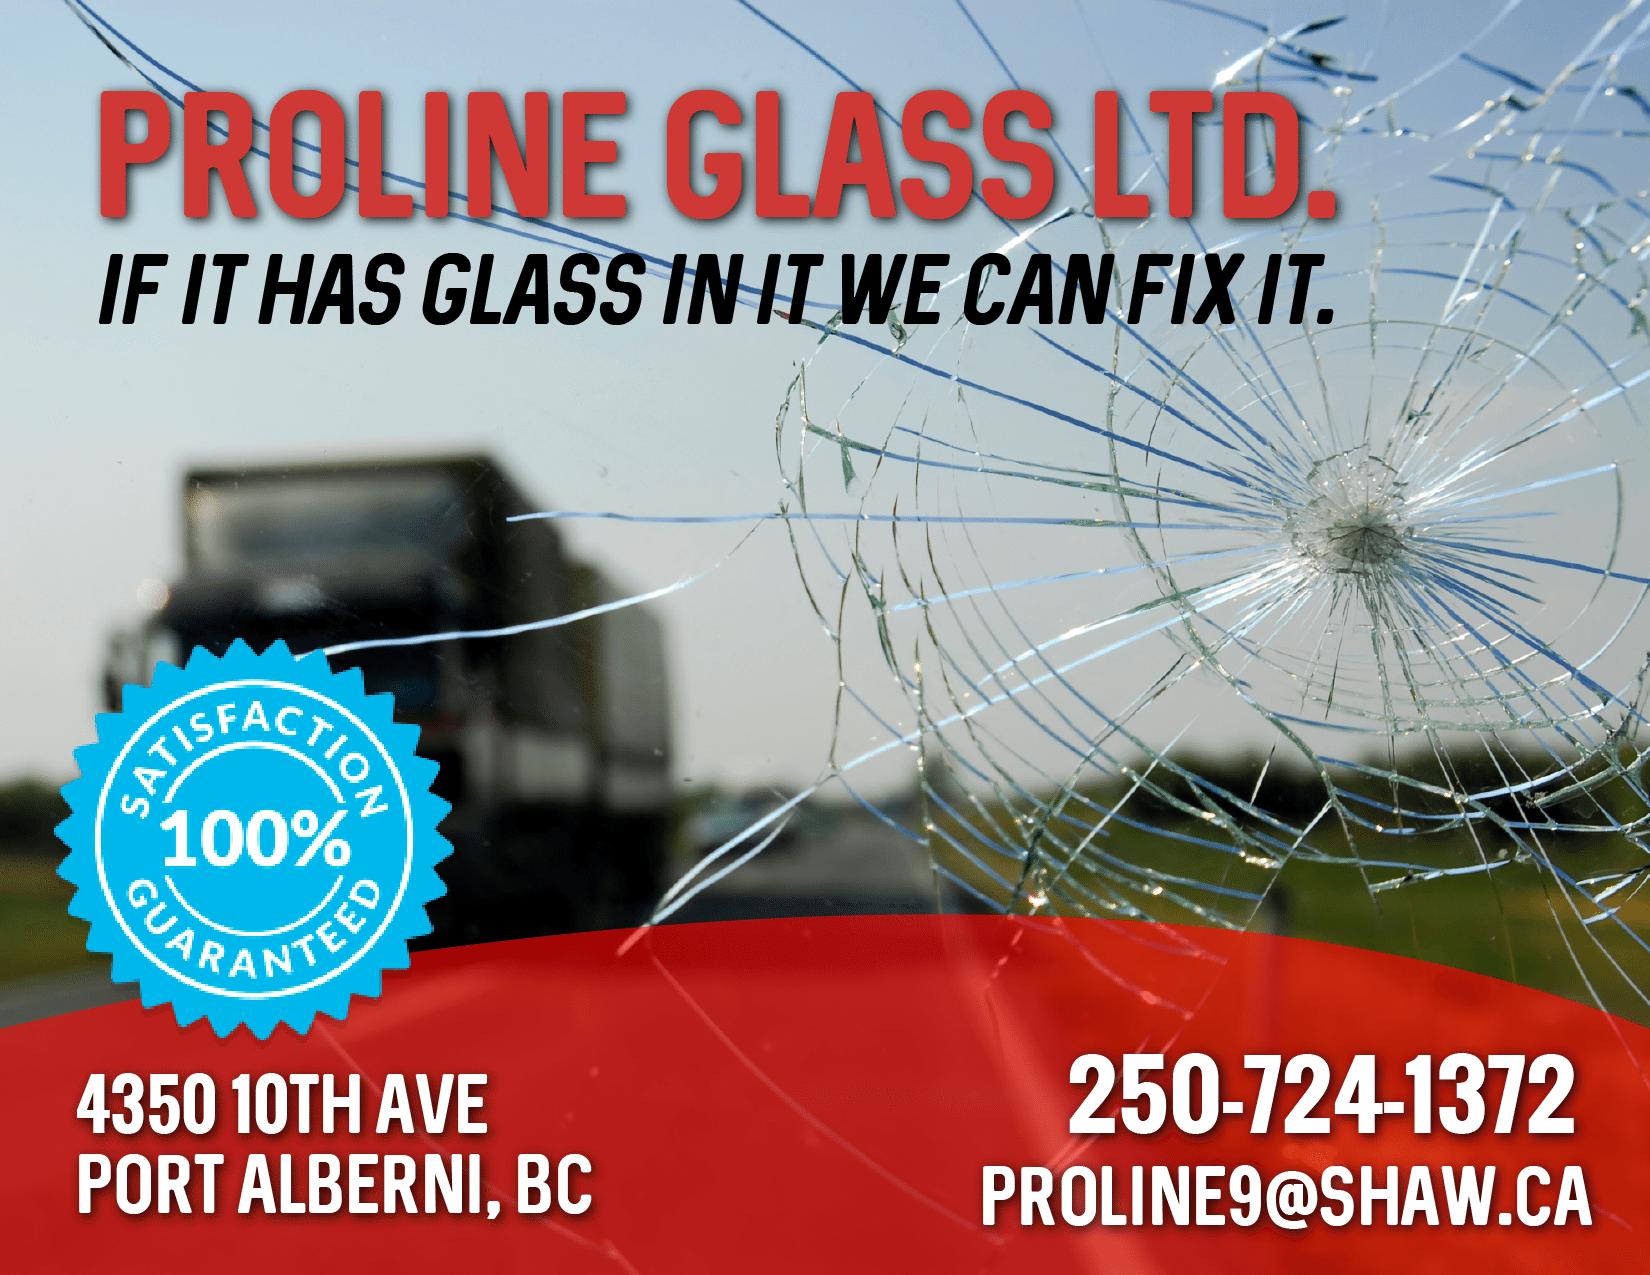 Proline Glass